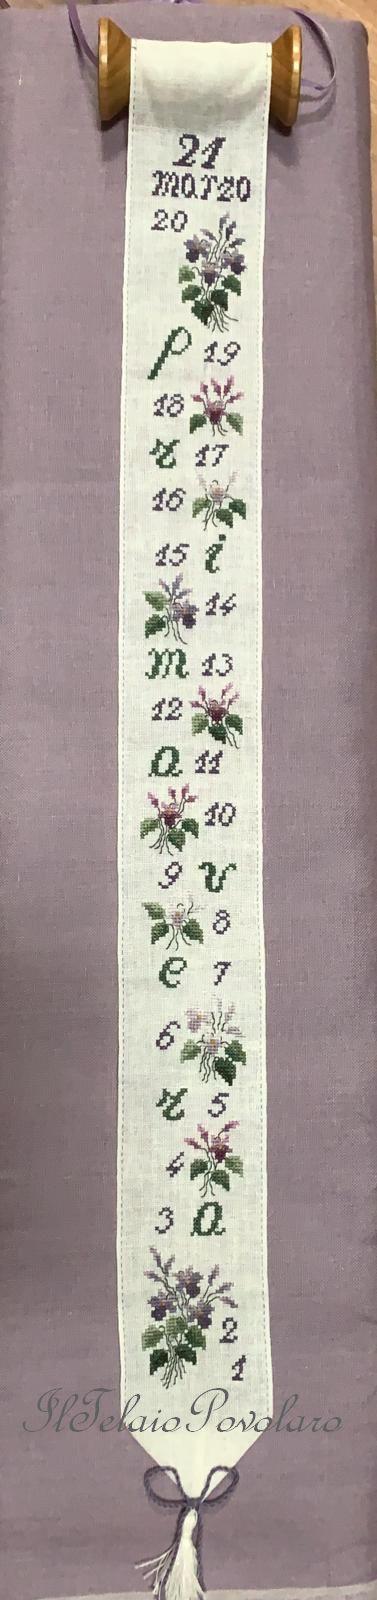 Violette di primavera di #RenatoParolin su bordo in lino ed un rocchetto per appendino